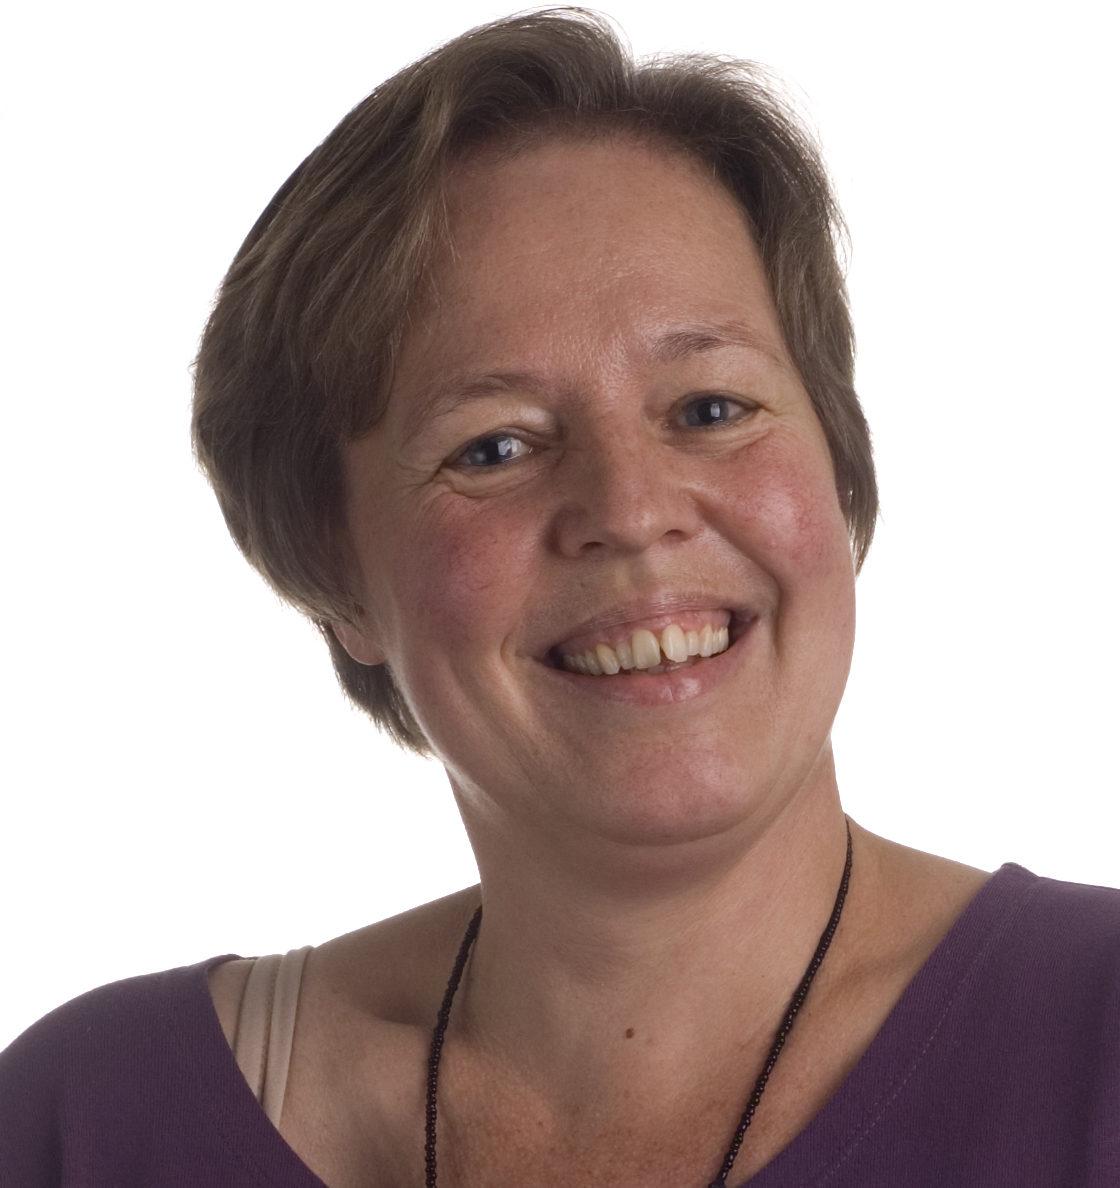 Jolanda Derksen